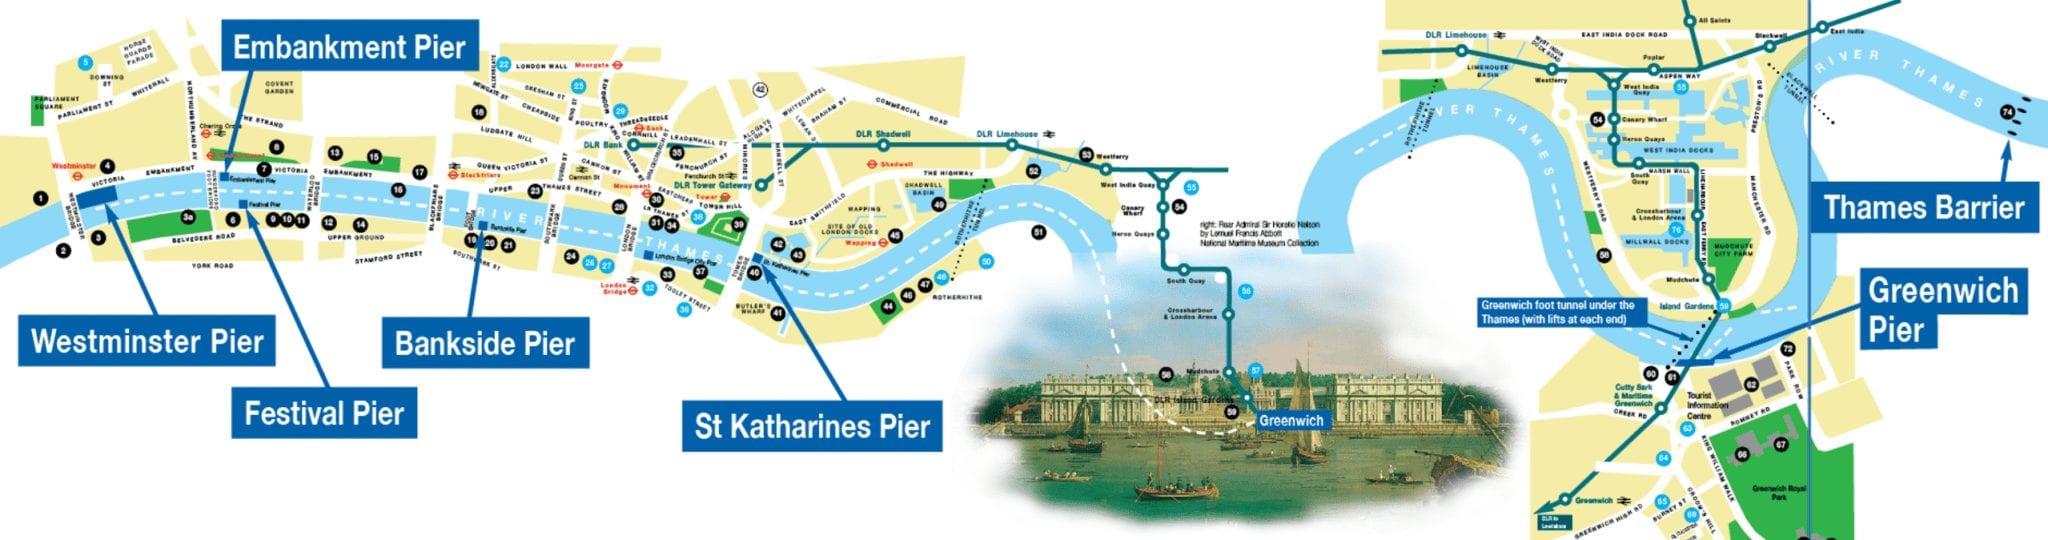 Como moverse en barco por el Támesis y Greenwich en Londres con la oyster